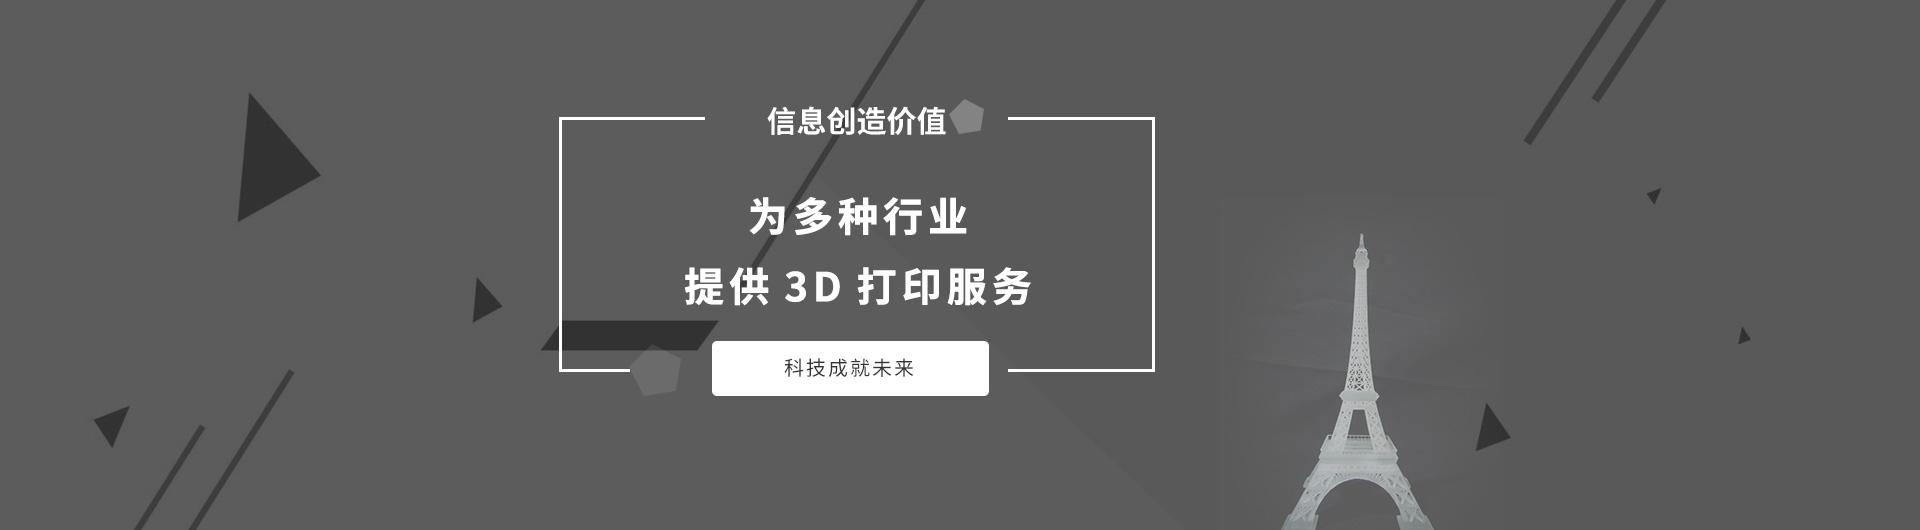 宁夏3D打印课程